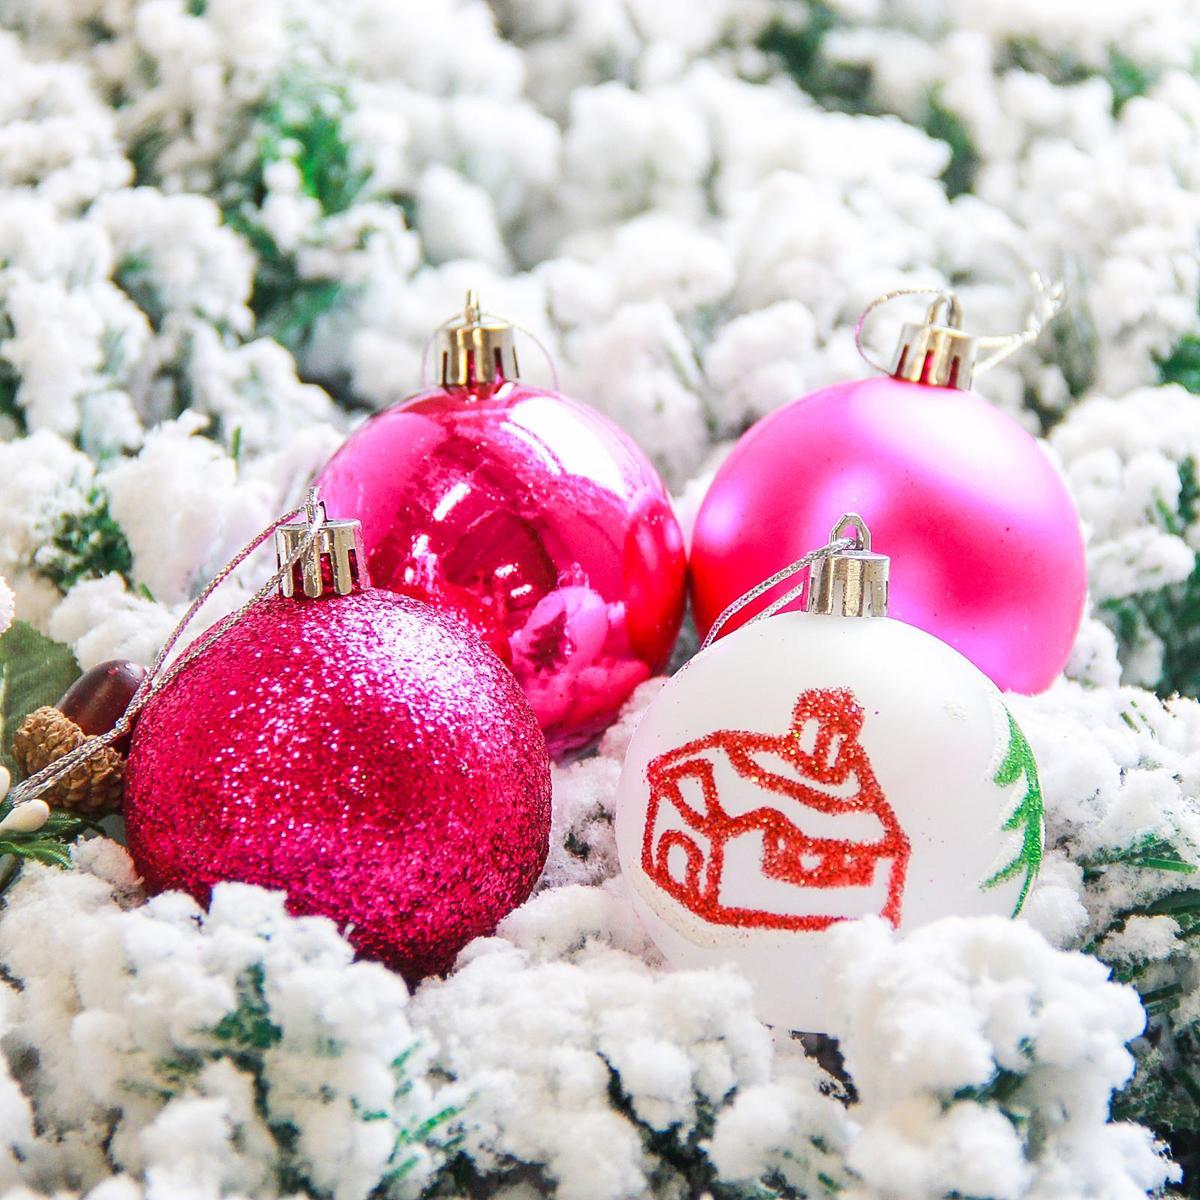 Набор новогодних подвесных украшений Sima-land Кьюзо, цвет: малиновый, диаметр 6 см, 16 шт2178237Набор новогодних подвесных украшений Sima-land отлично подойдет для декорации вашего дома и новогодней ели. С помощью специальной петельки украшение можно повесить в любом понравившемся вам месте. Но, конечно, удачнее всего оно будет смотреться на праздничной елке. Елочная игрушка - символ Нового года. Она несет в себе волшебство и красоту праздника. Создайте в своем доме атмосферу веселья и радости, украшая новогоднюю елку нарядными игрушками, которые будут из года в год накапливать теплоту воспоминаний.